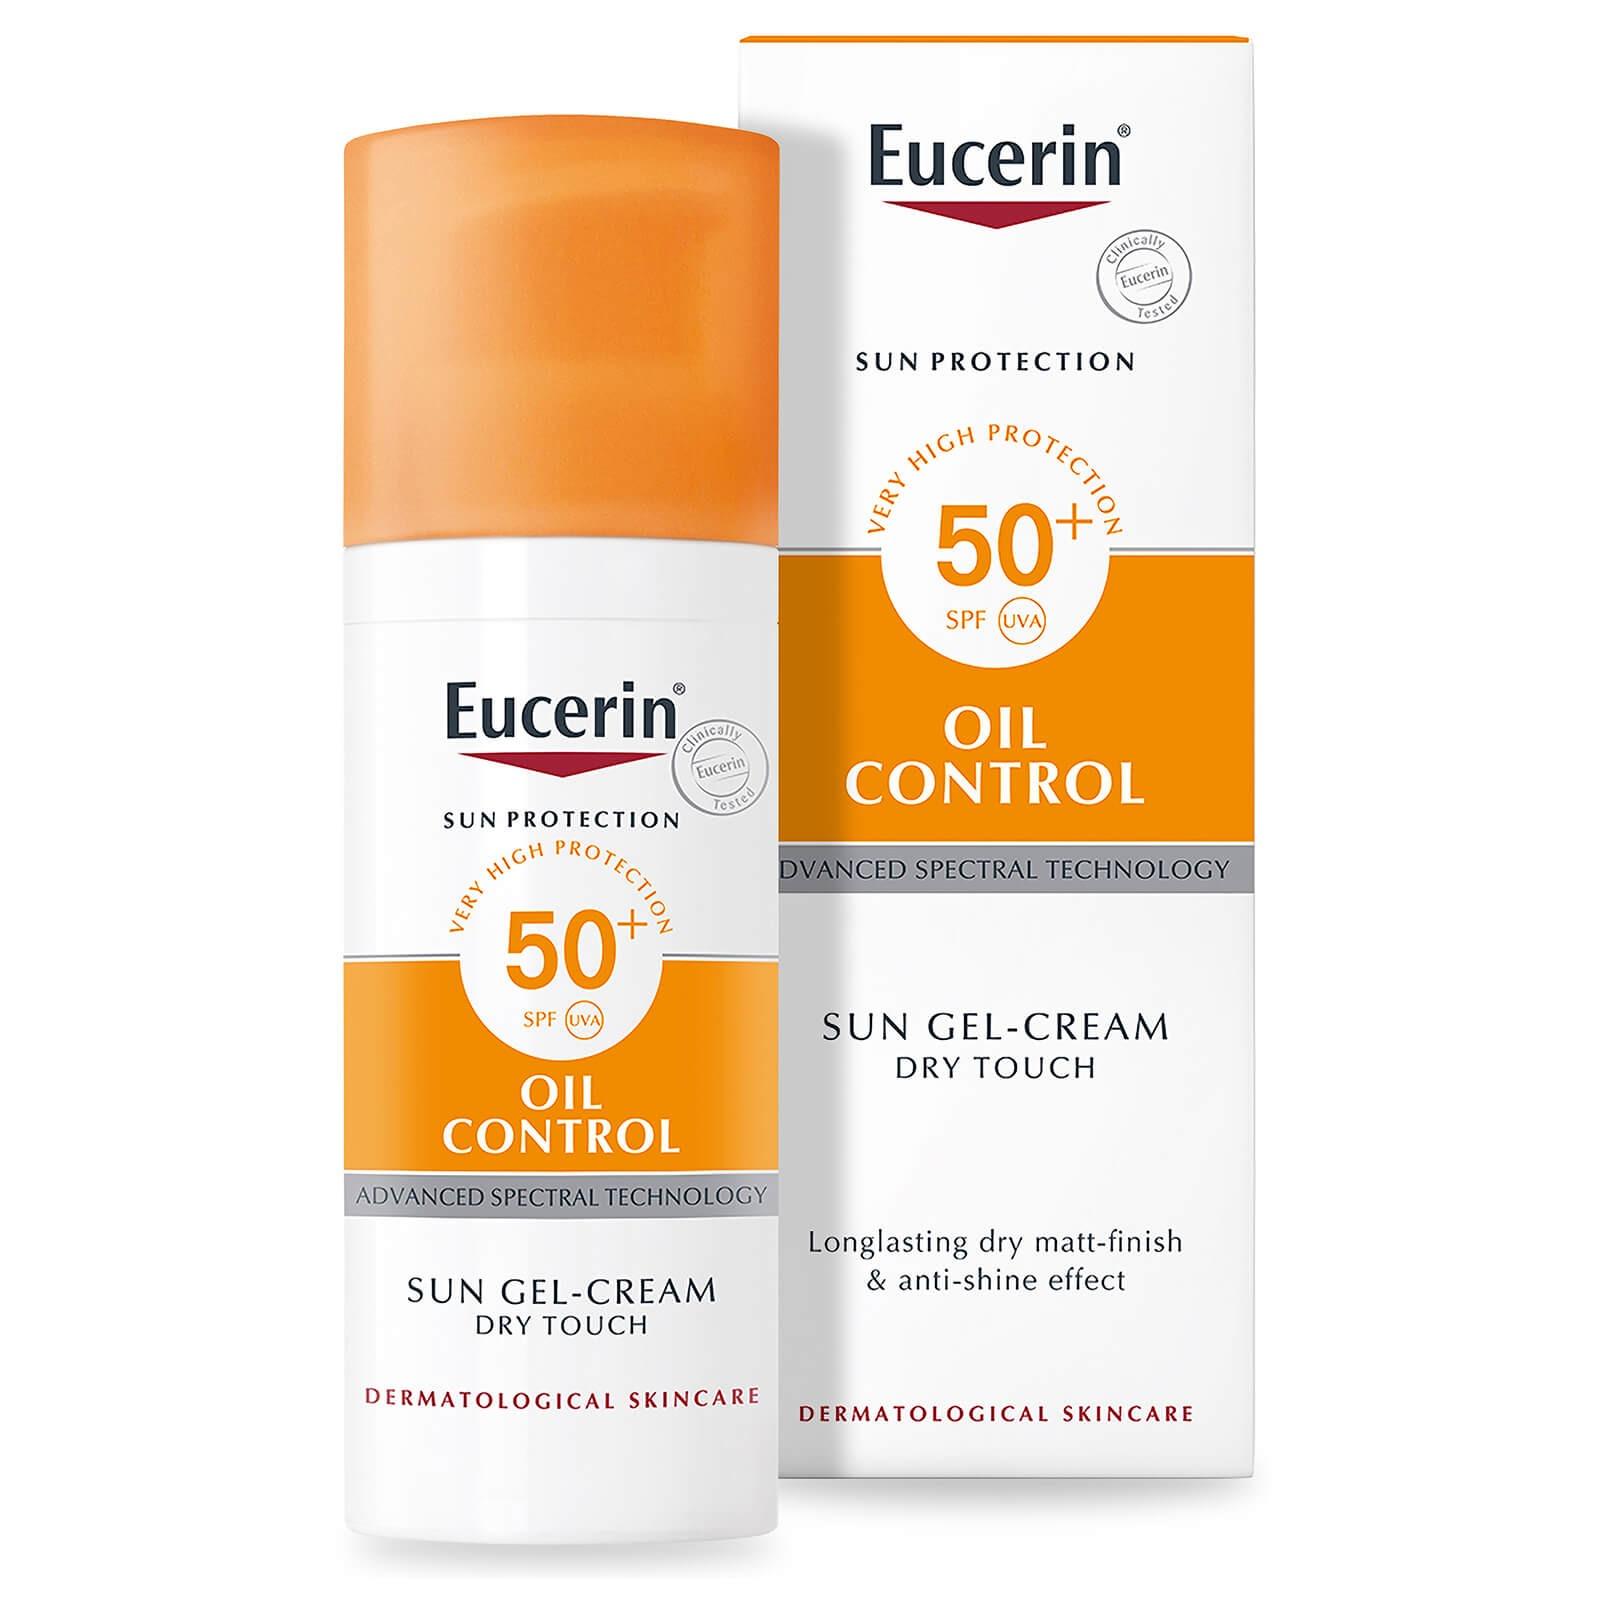 Eucerin 优色林 控油清爽面部防晒乳 SPF50+